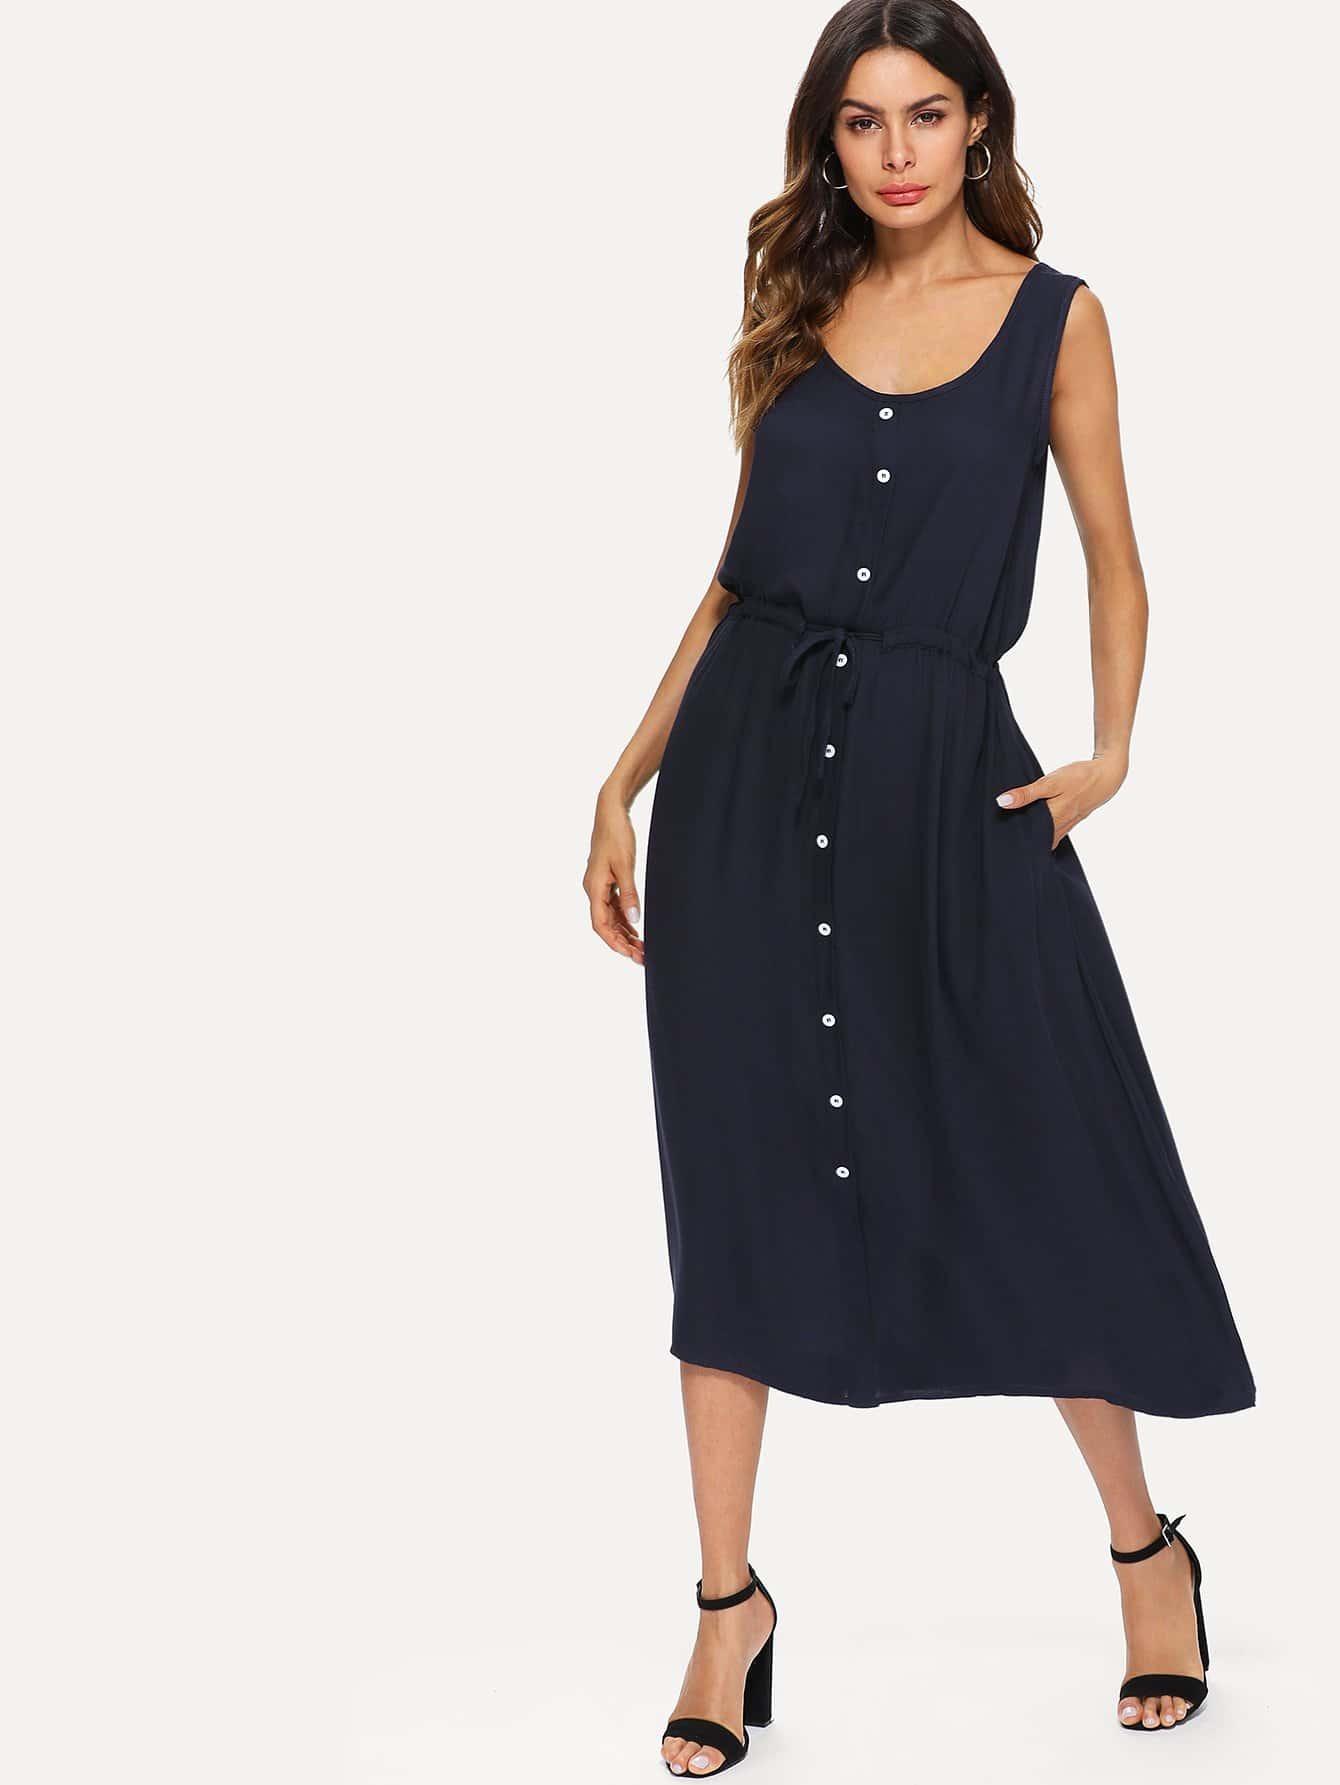 Drawstring Waist Tank Dress drawstring waist tank dress